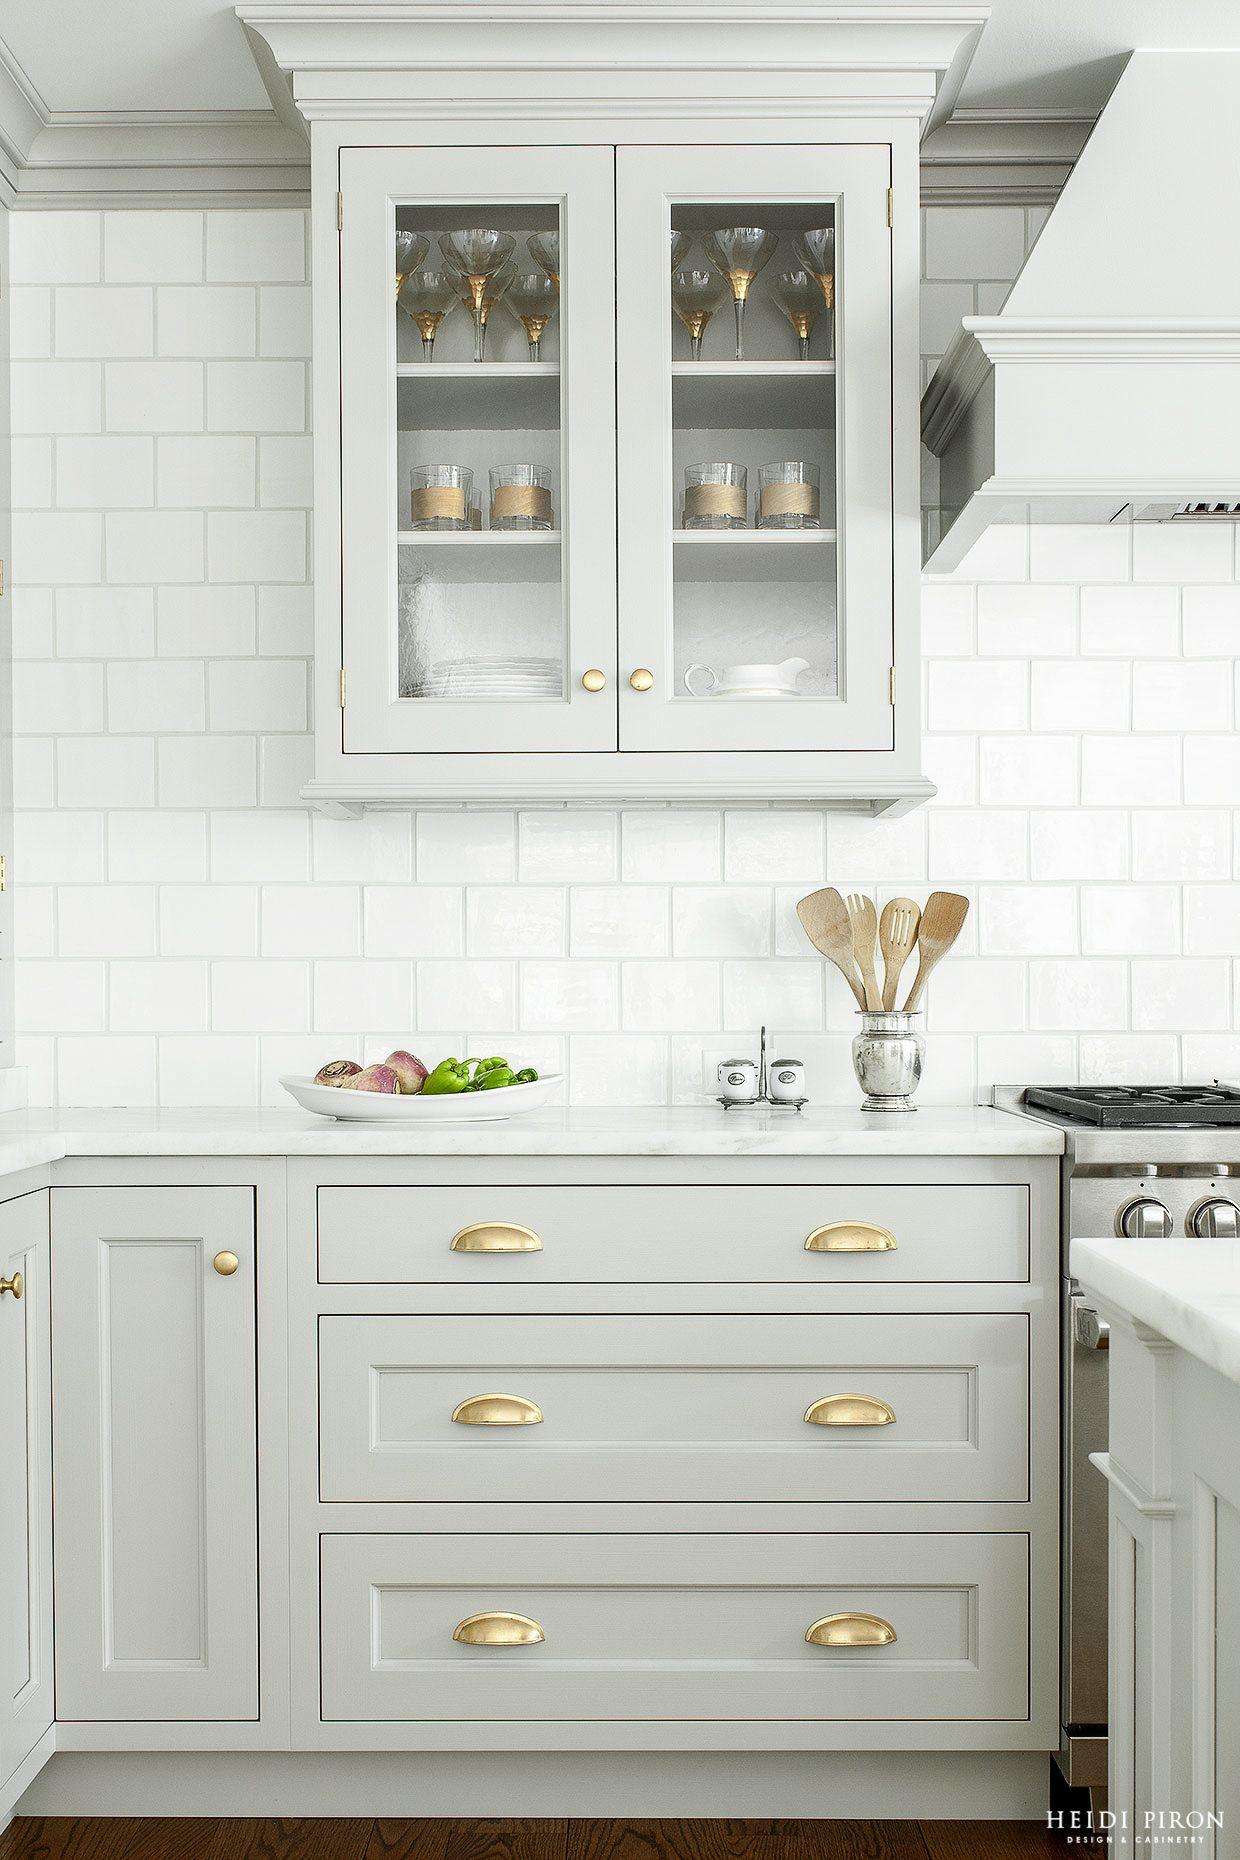 Colour My Kitchen Kitchen Inspirations Kitchen Cabinet Design Kitchen Trends